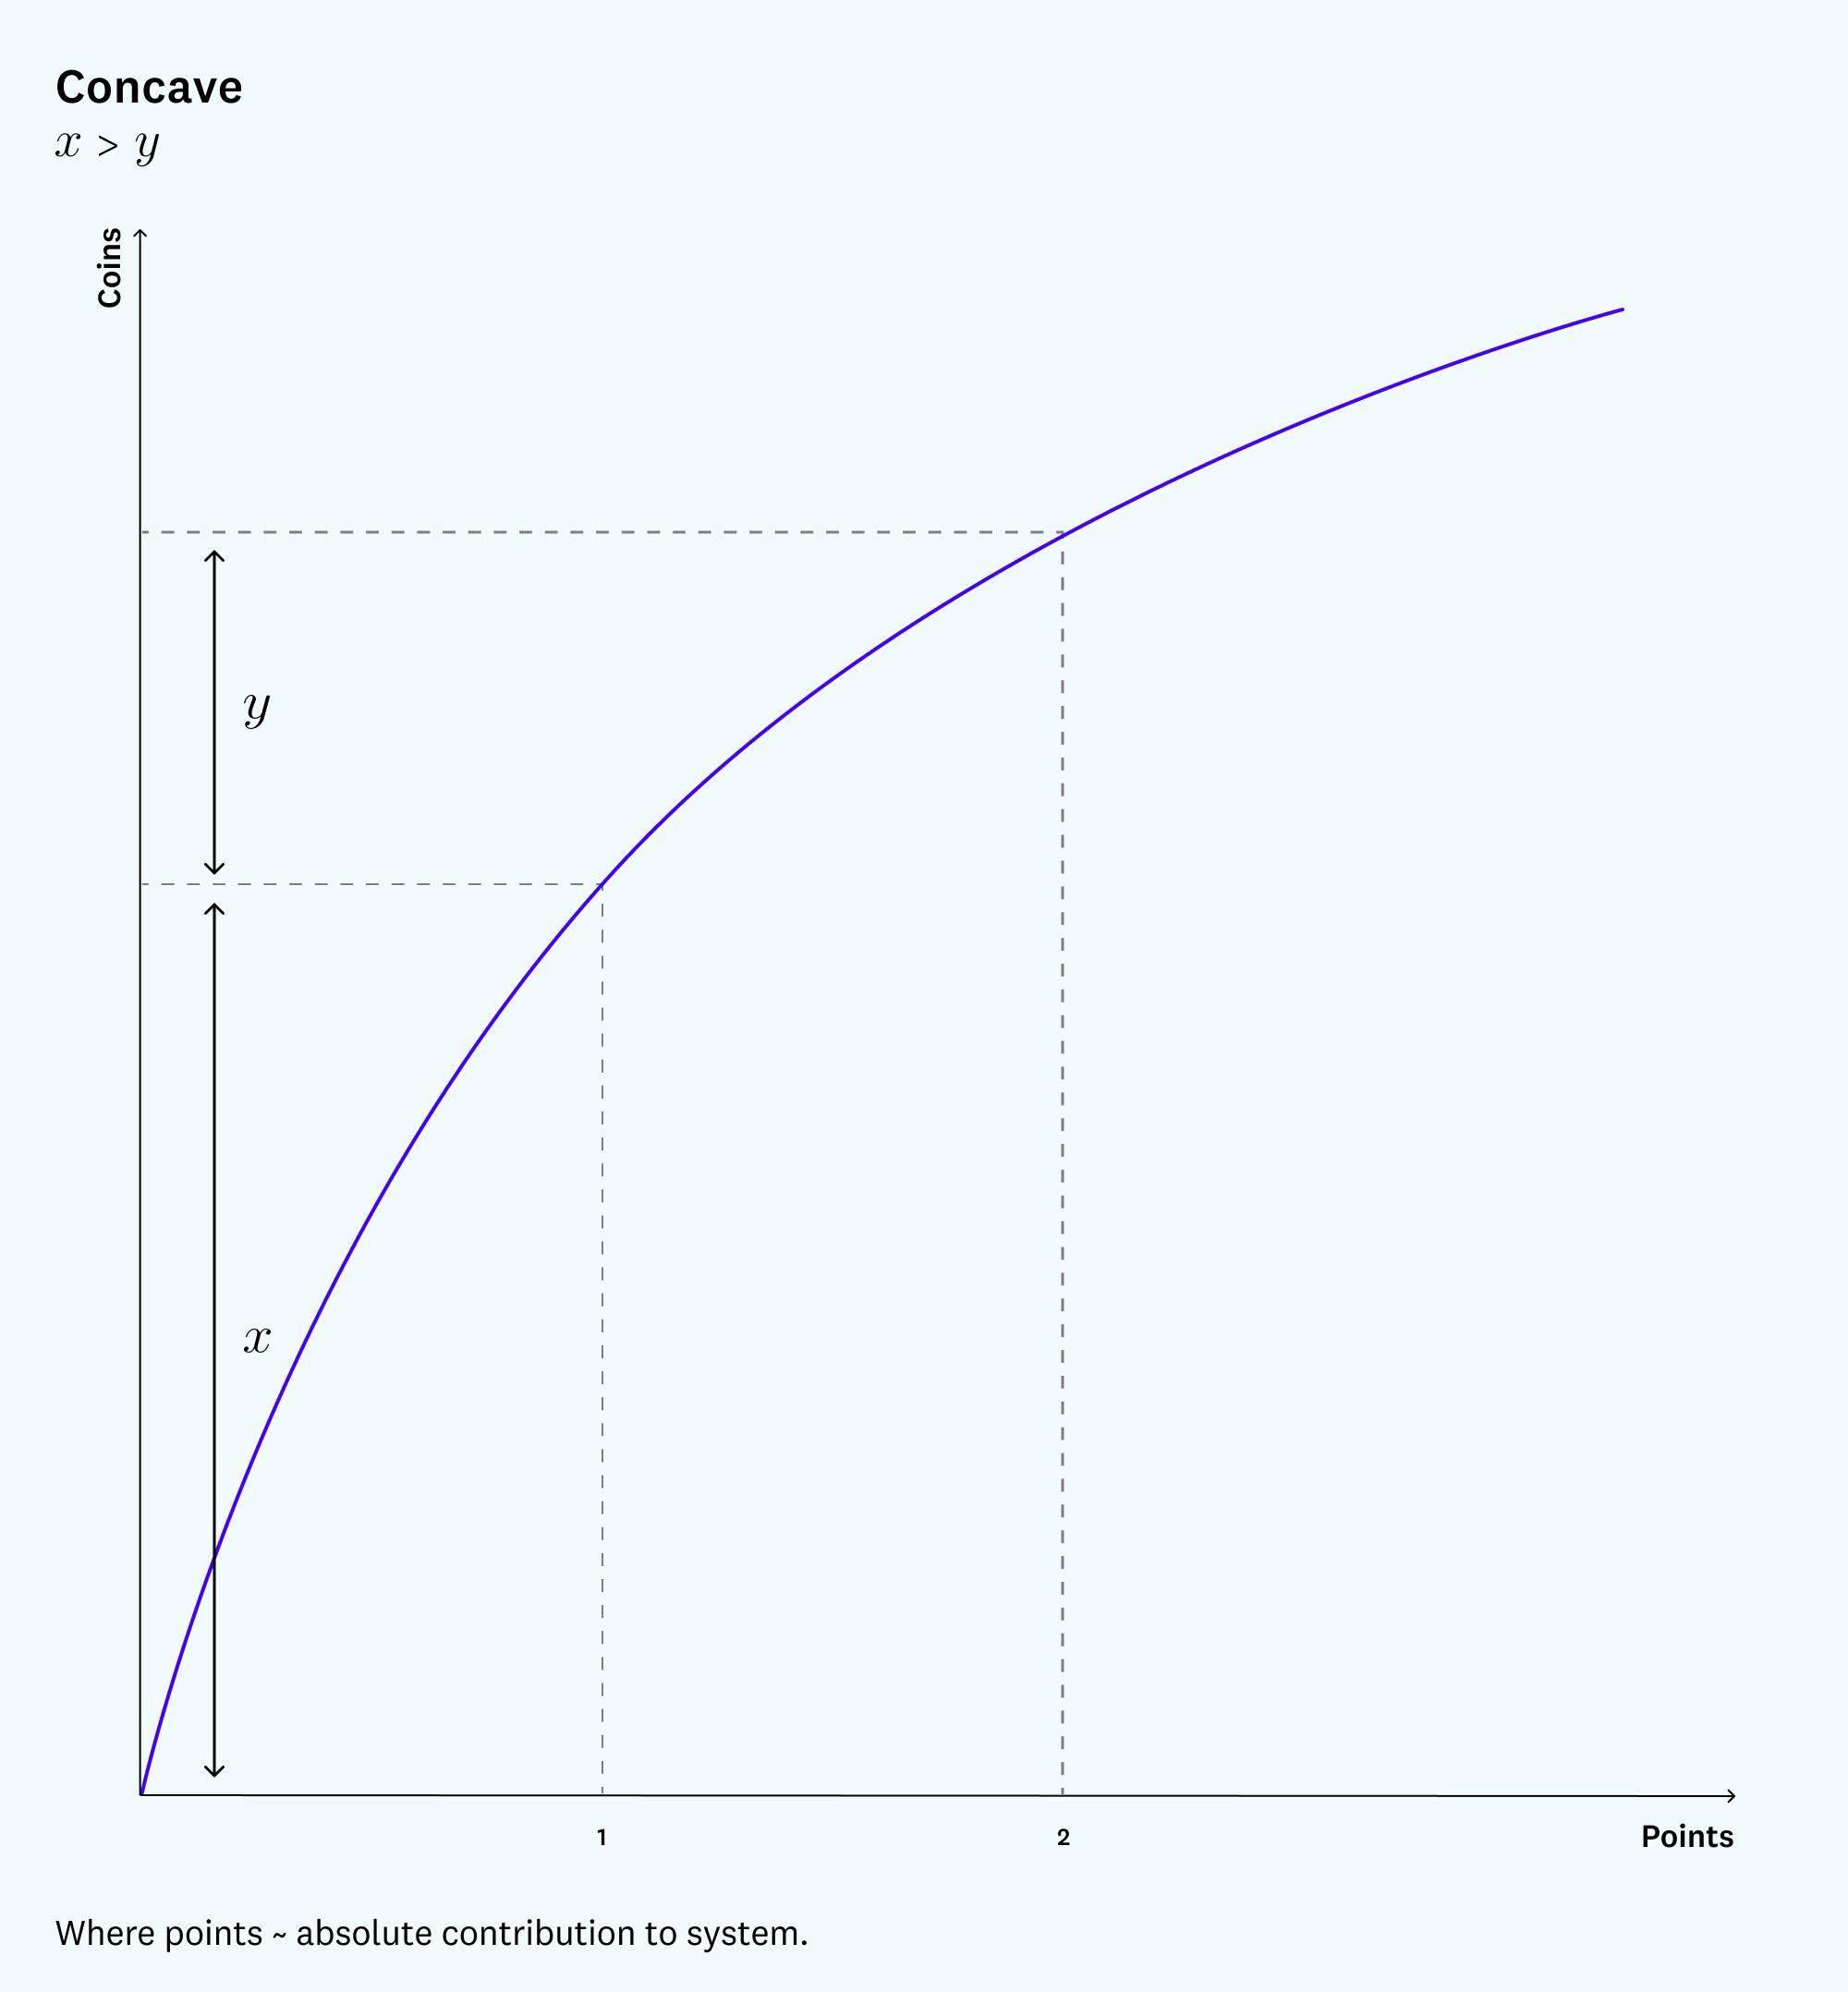 声誉代币新构思:基于双代币的声誉系统是更好的选择吗?